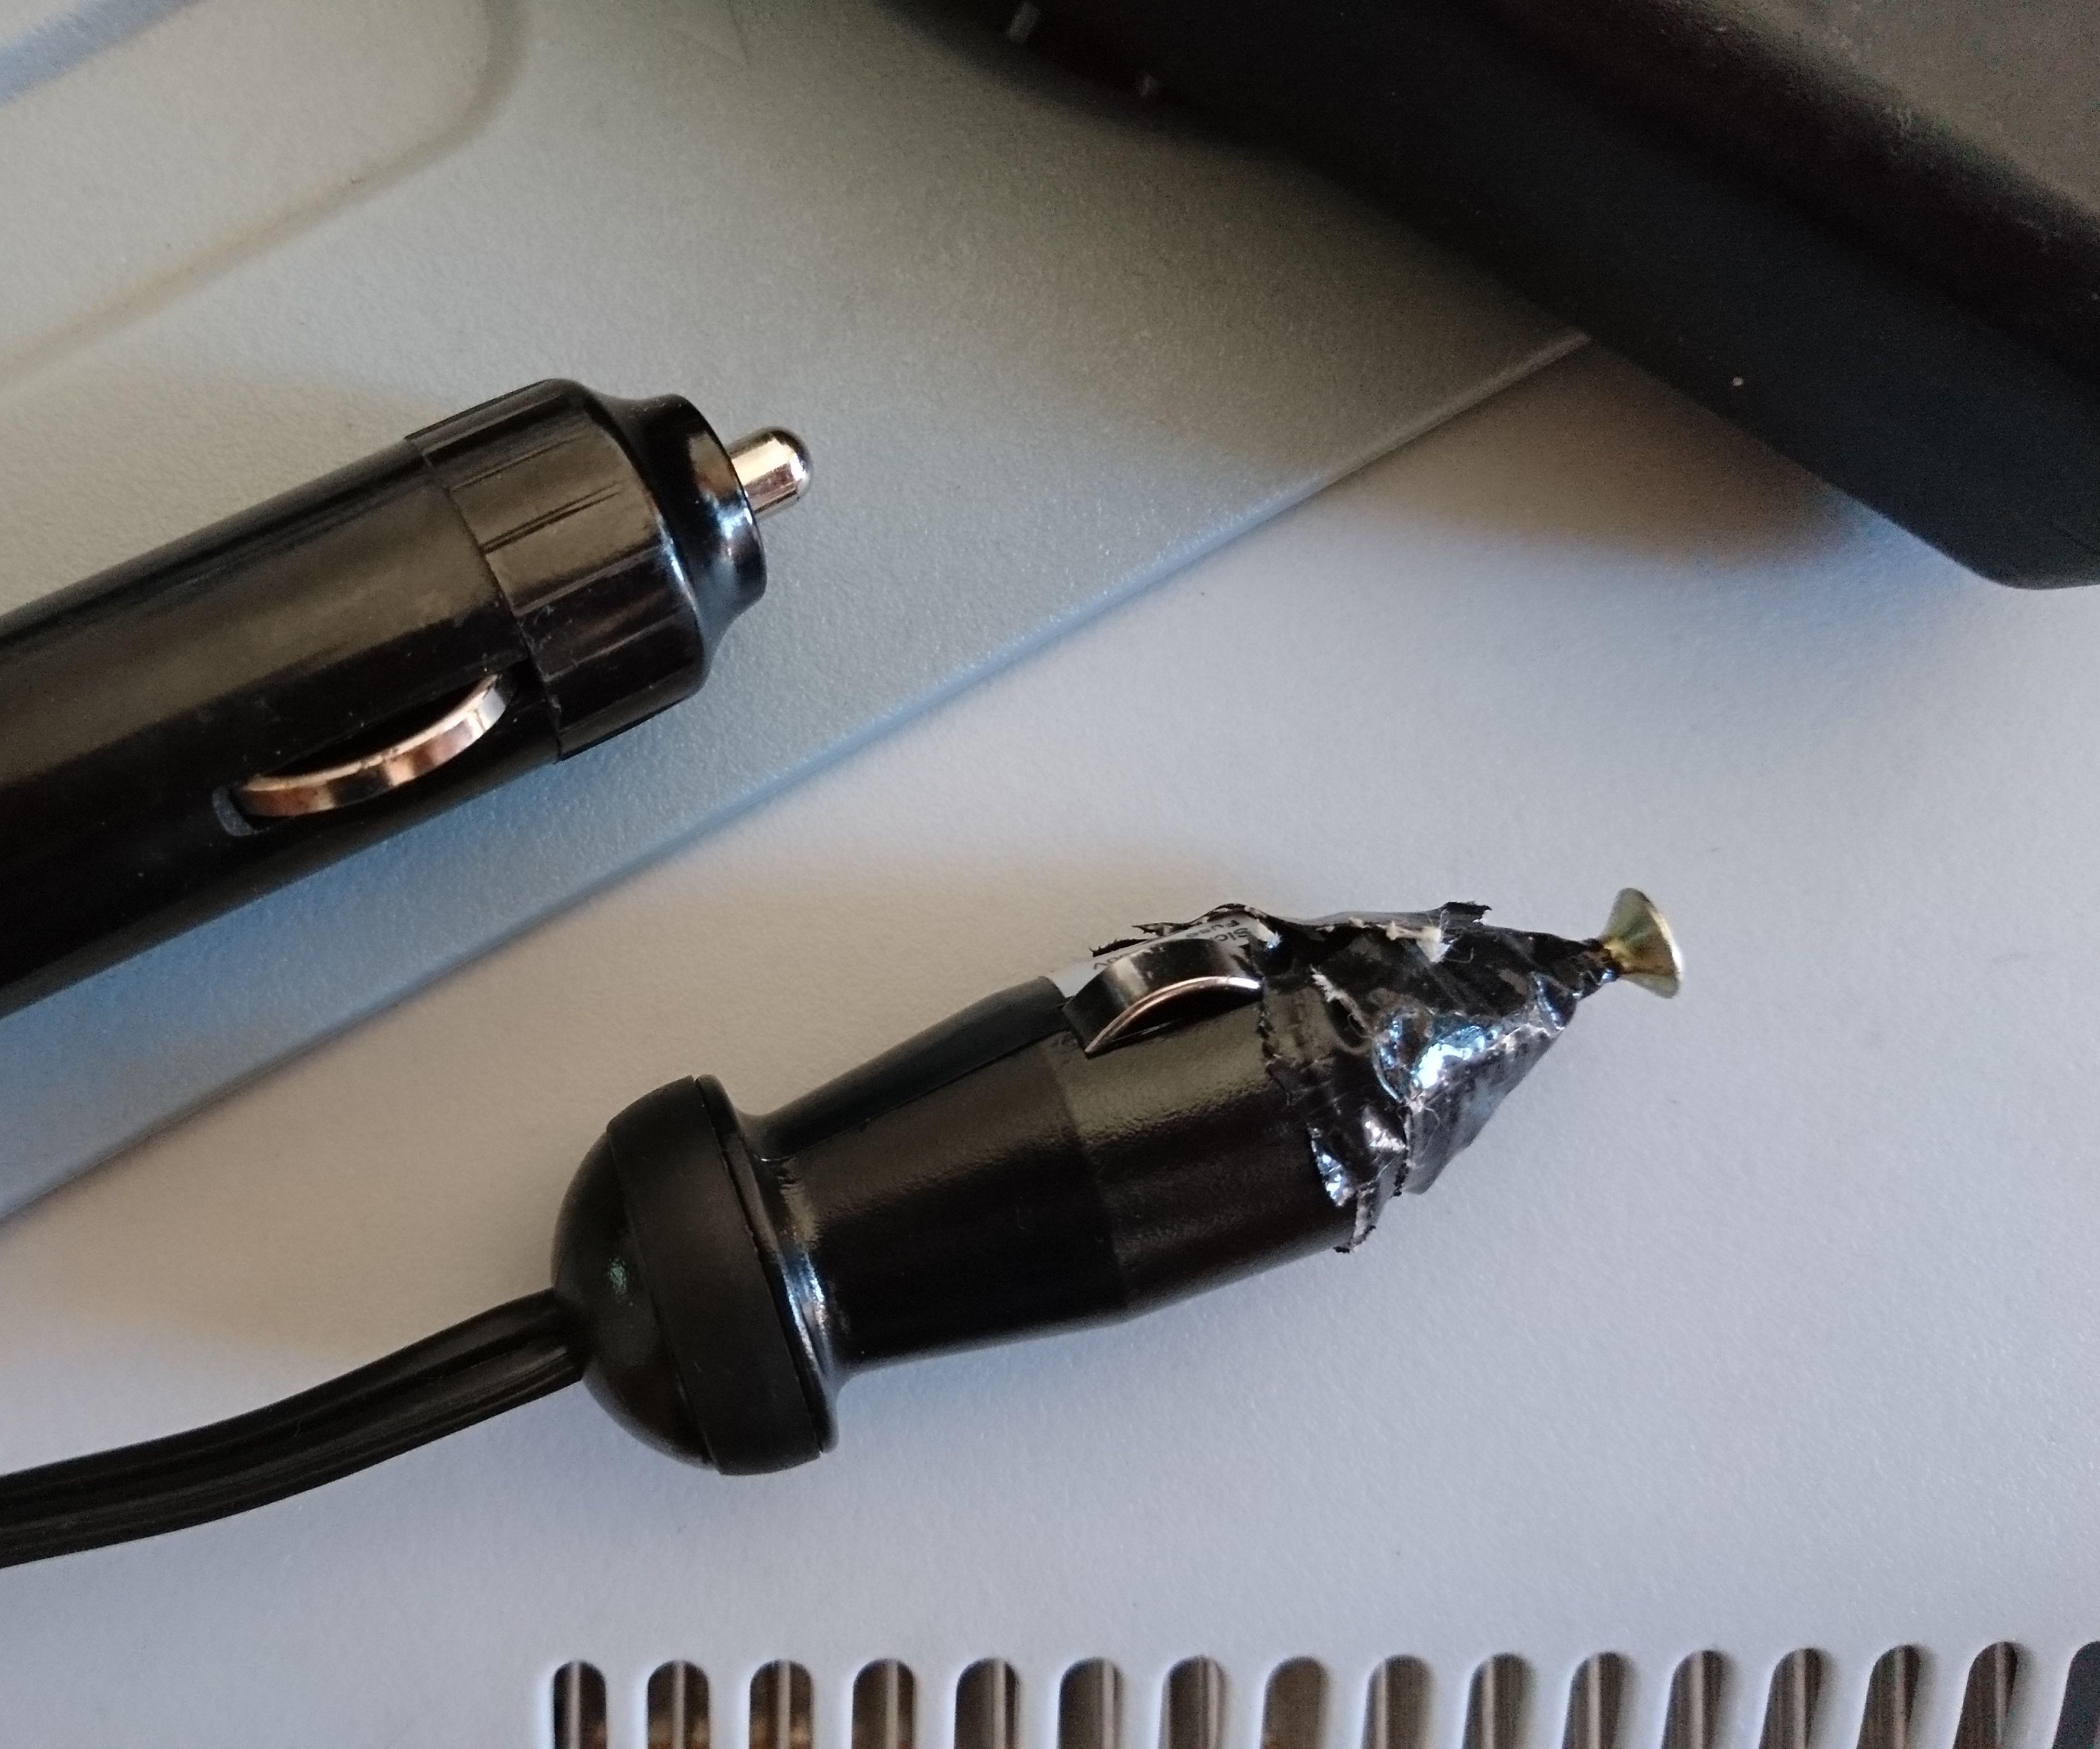 DIY Repair Your CAR 12V Socket Insert